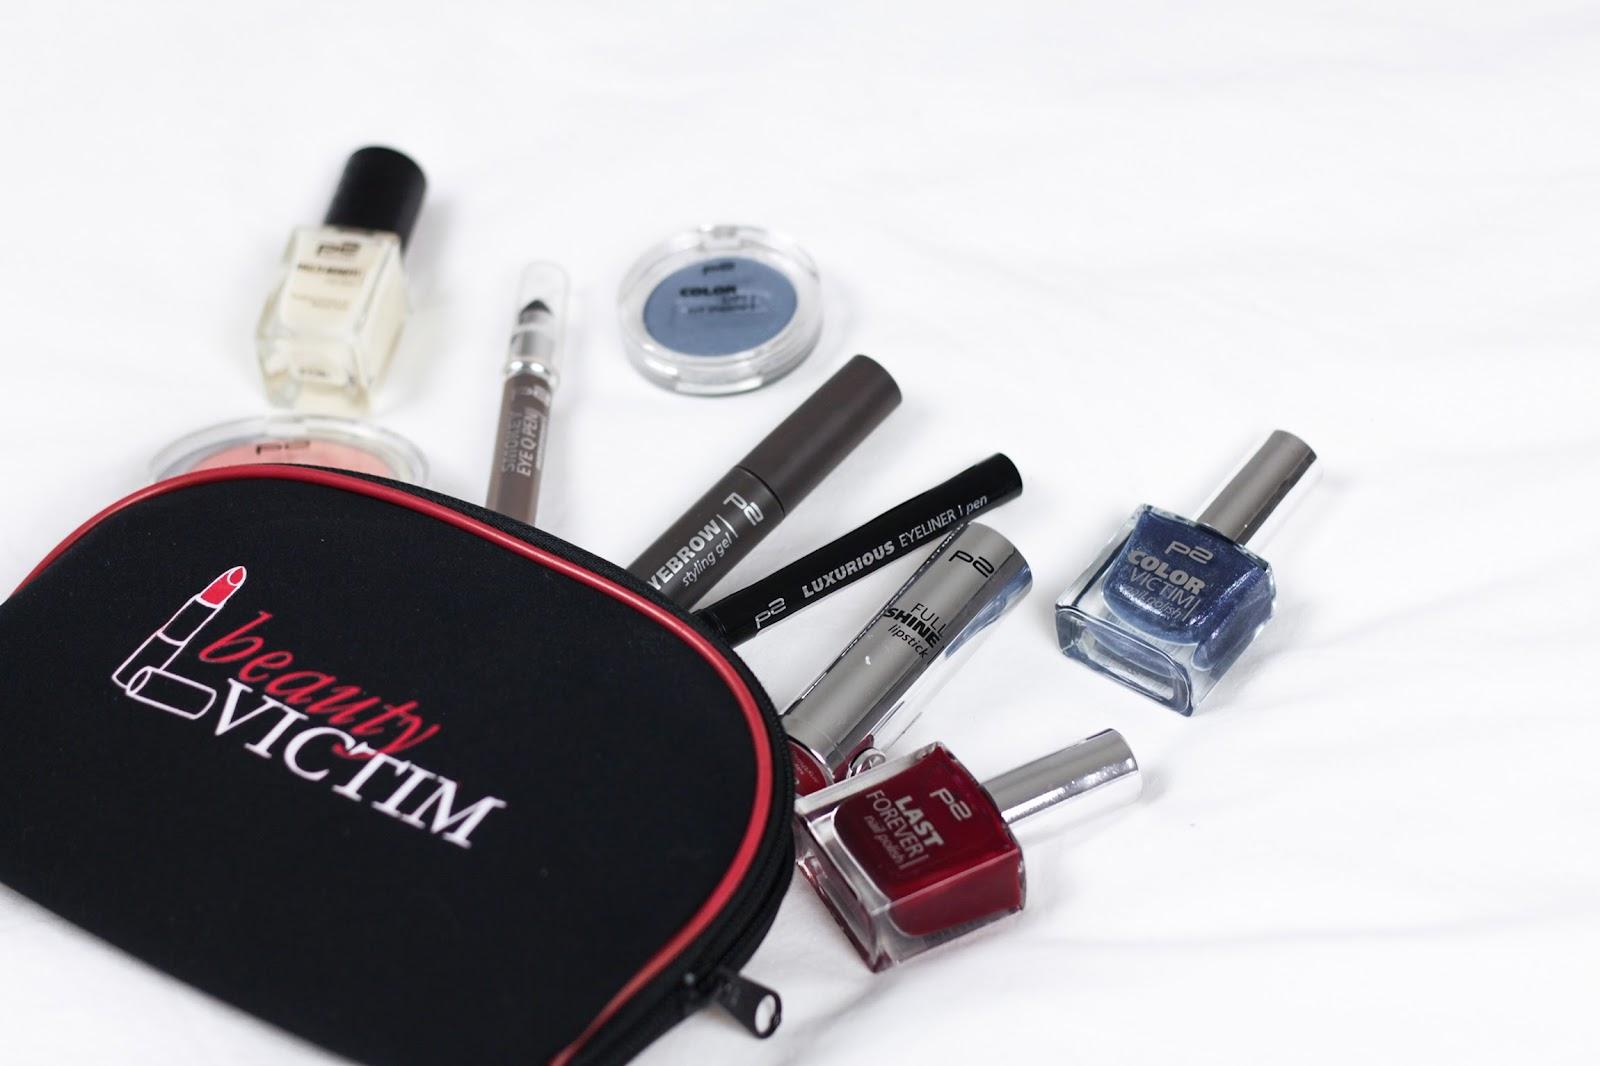 Il trucco perfetto con p2 cosmetics